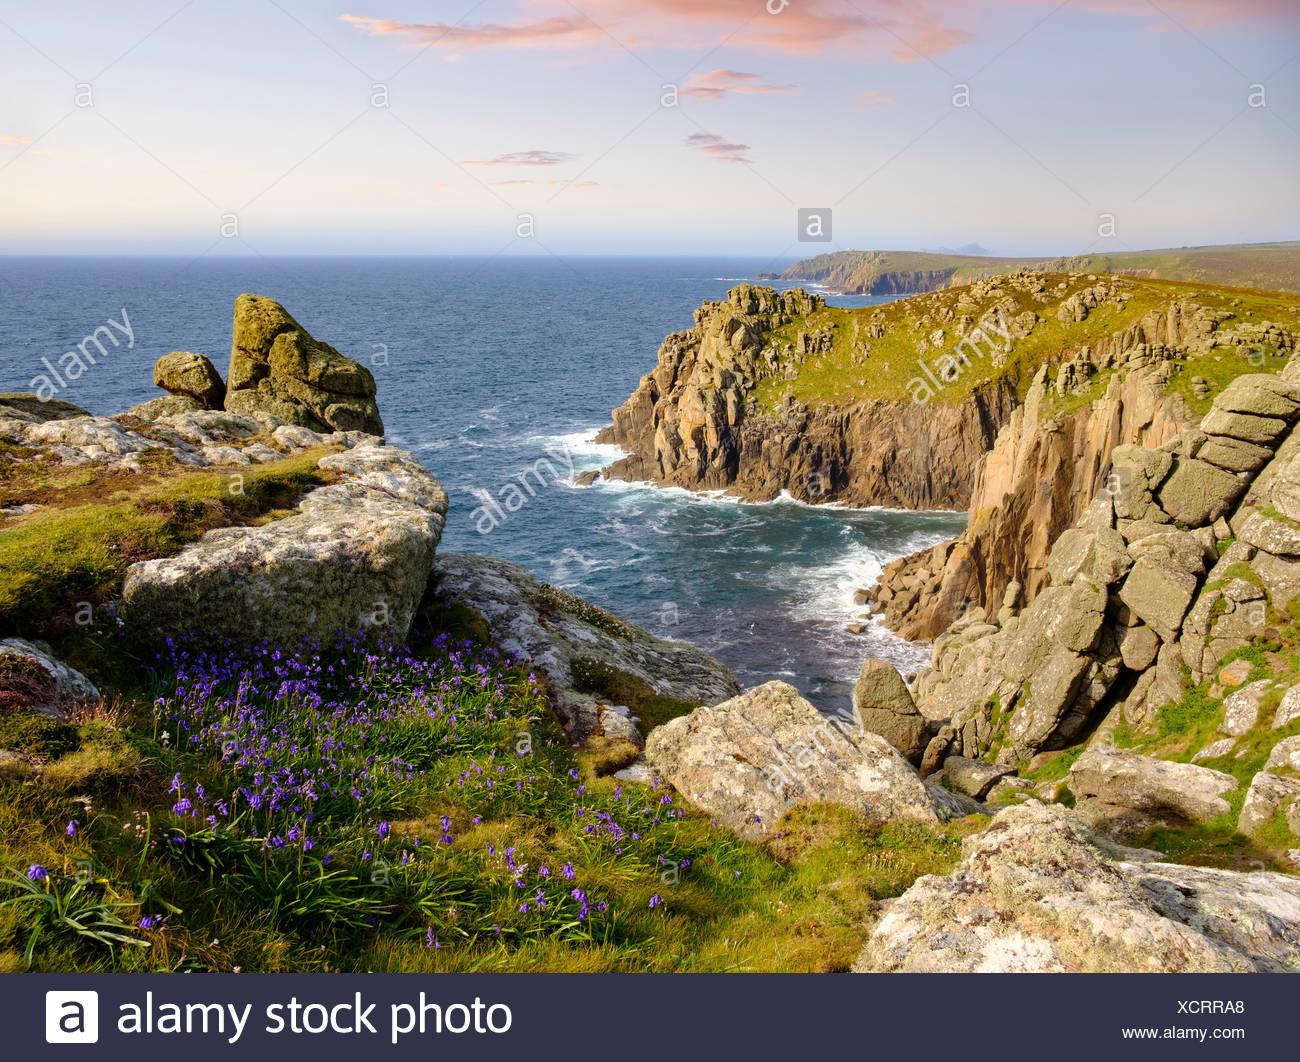 Atlantisches Hasenglöckchen (Hyacinthoides non-scripta), Steilküste, Land's End, Cornwall, England, Großbritannien Stock Photo